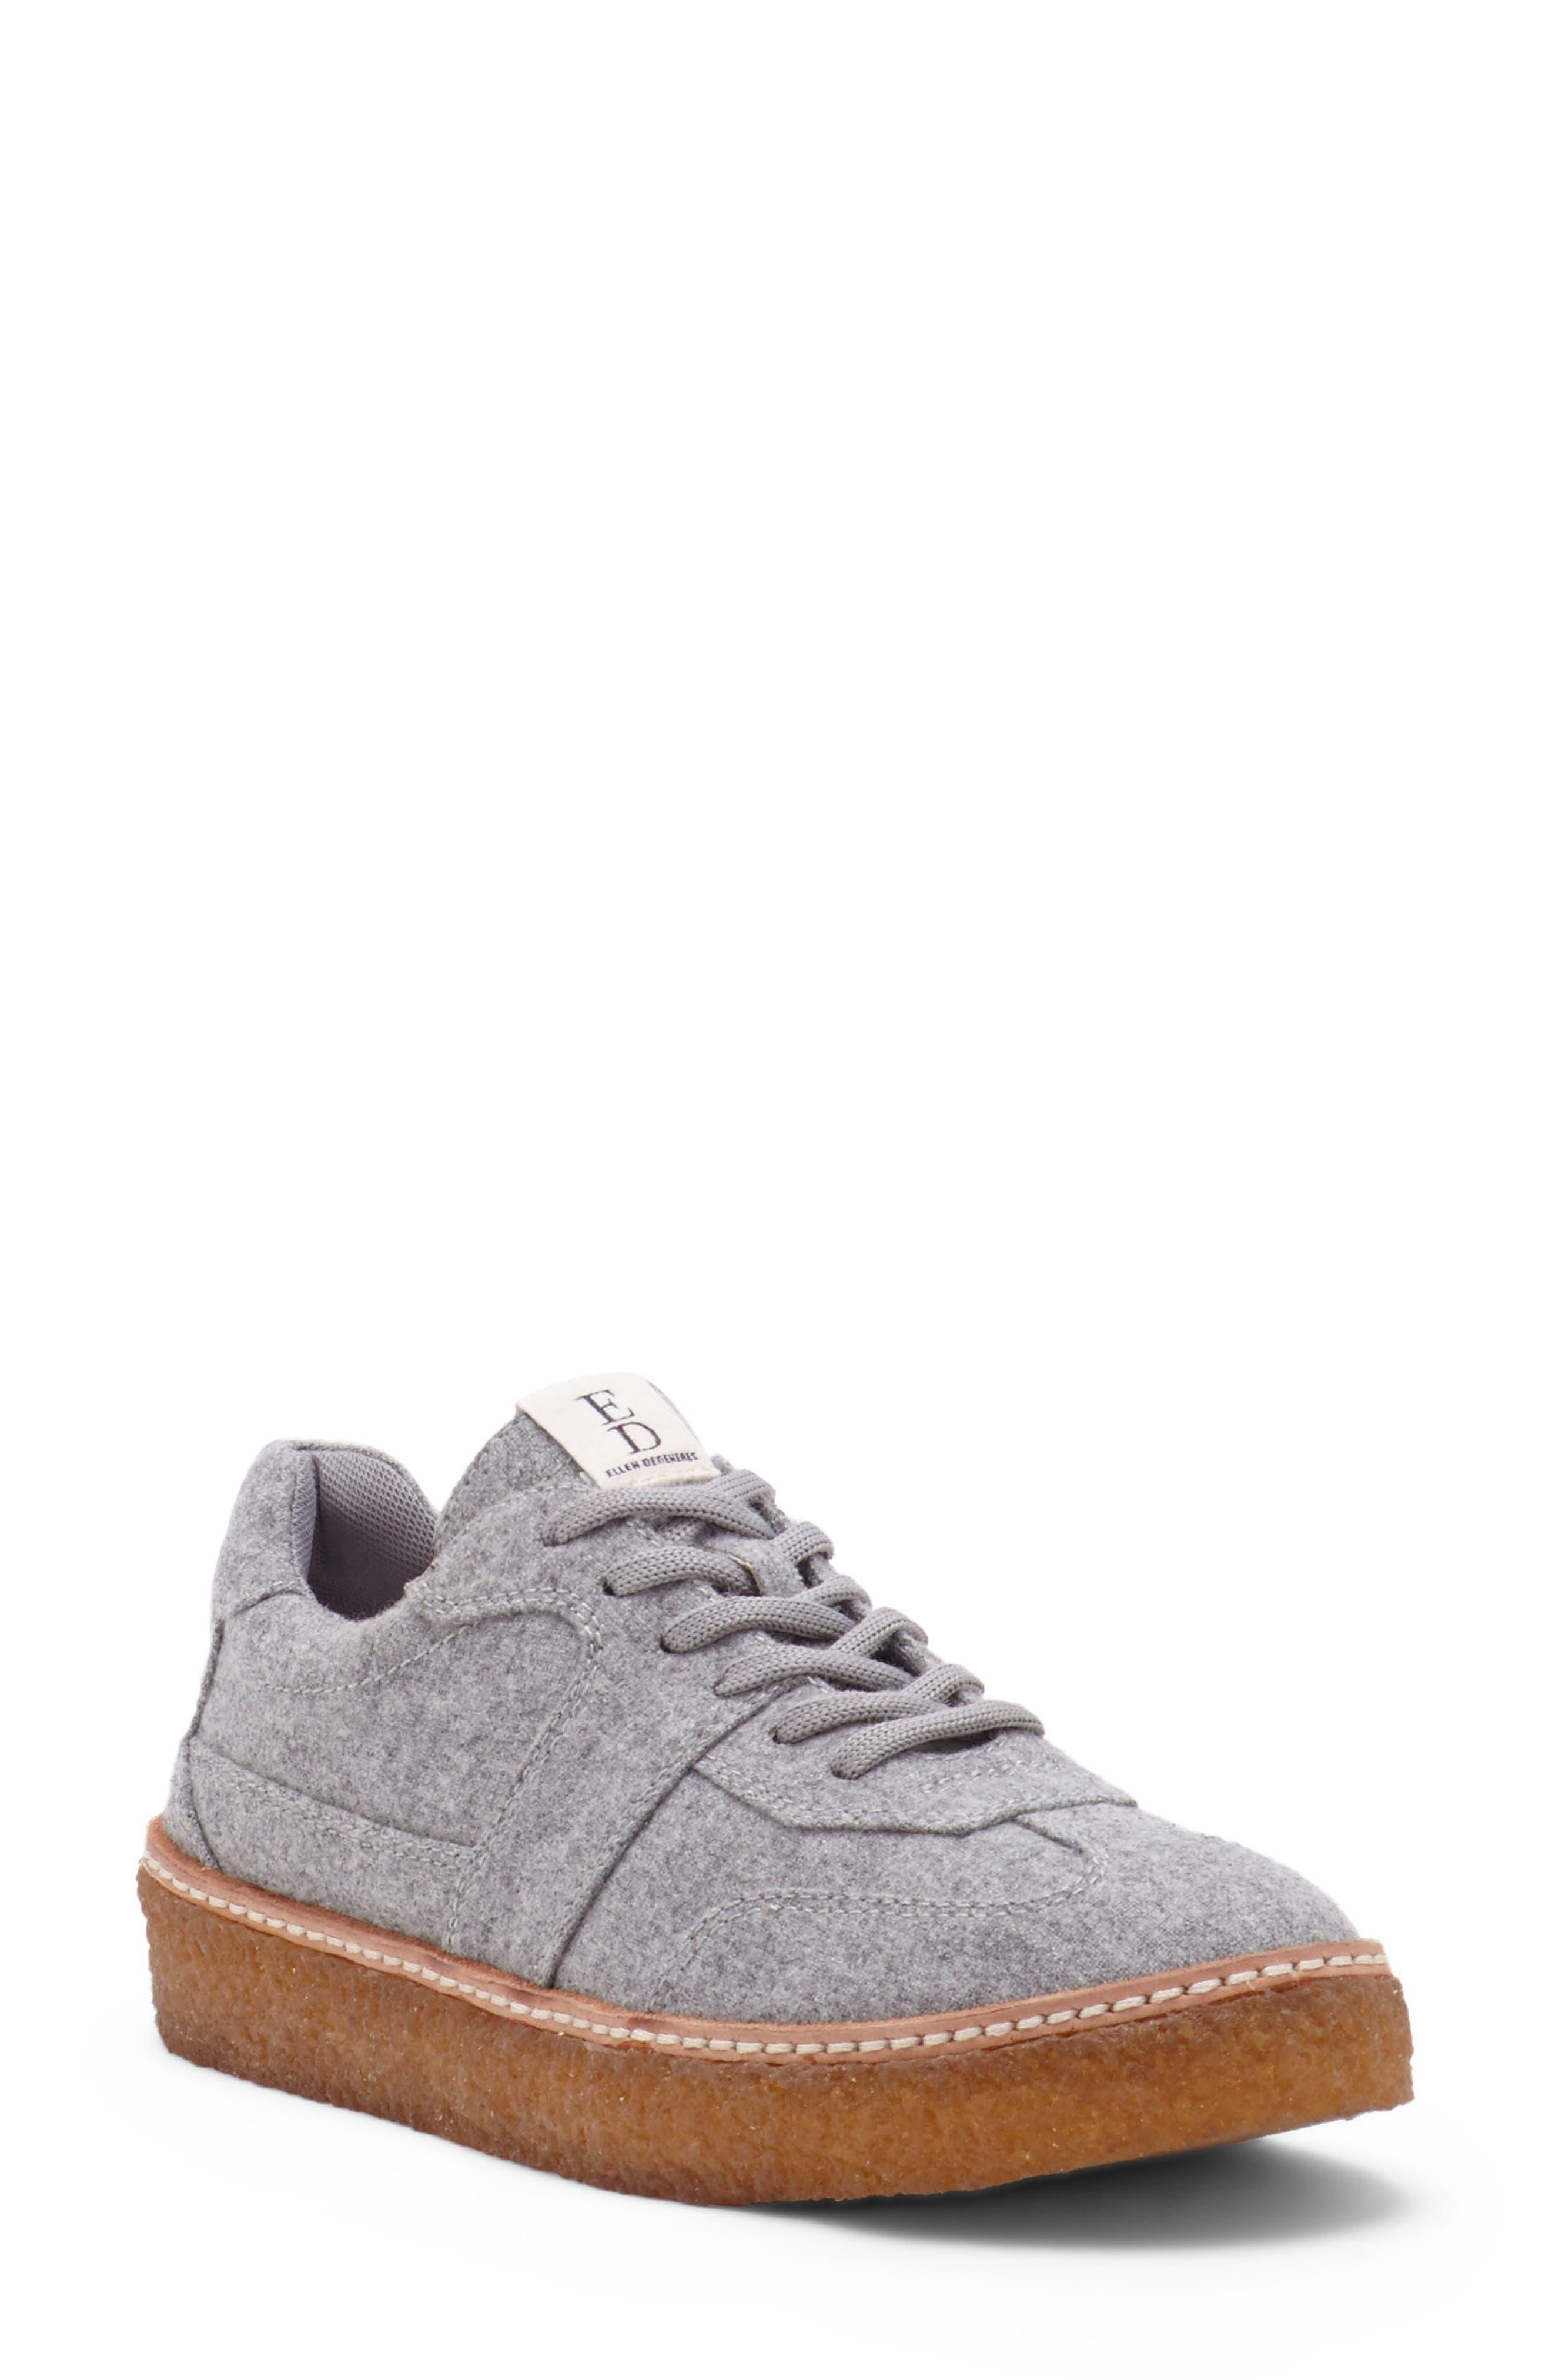 Danby Sneaker,                             Main thumbnail 1, color,                             022